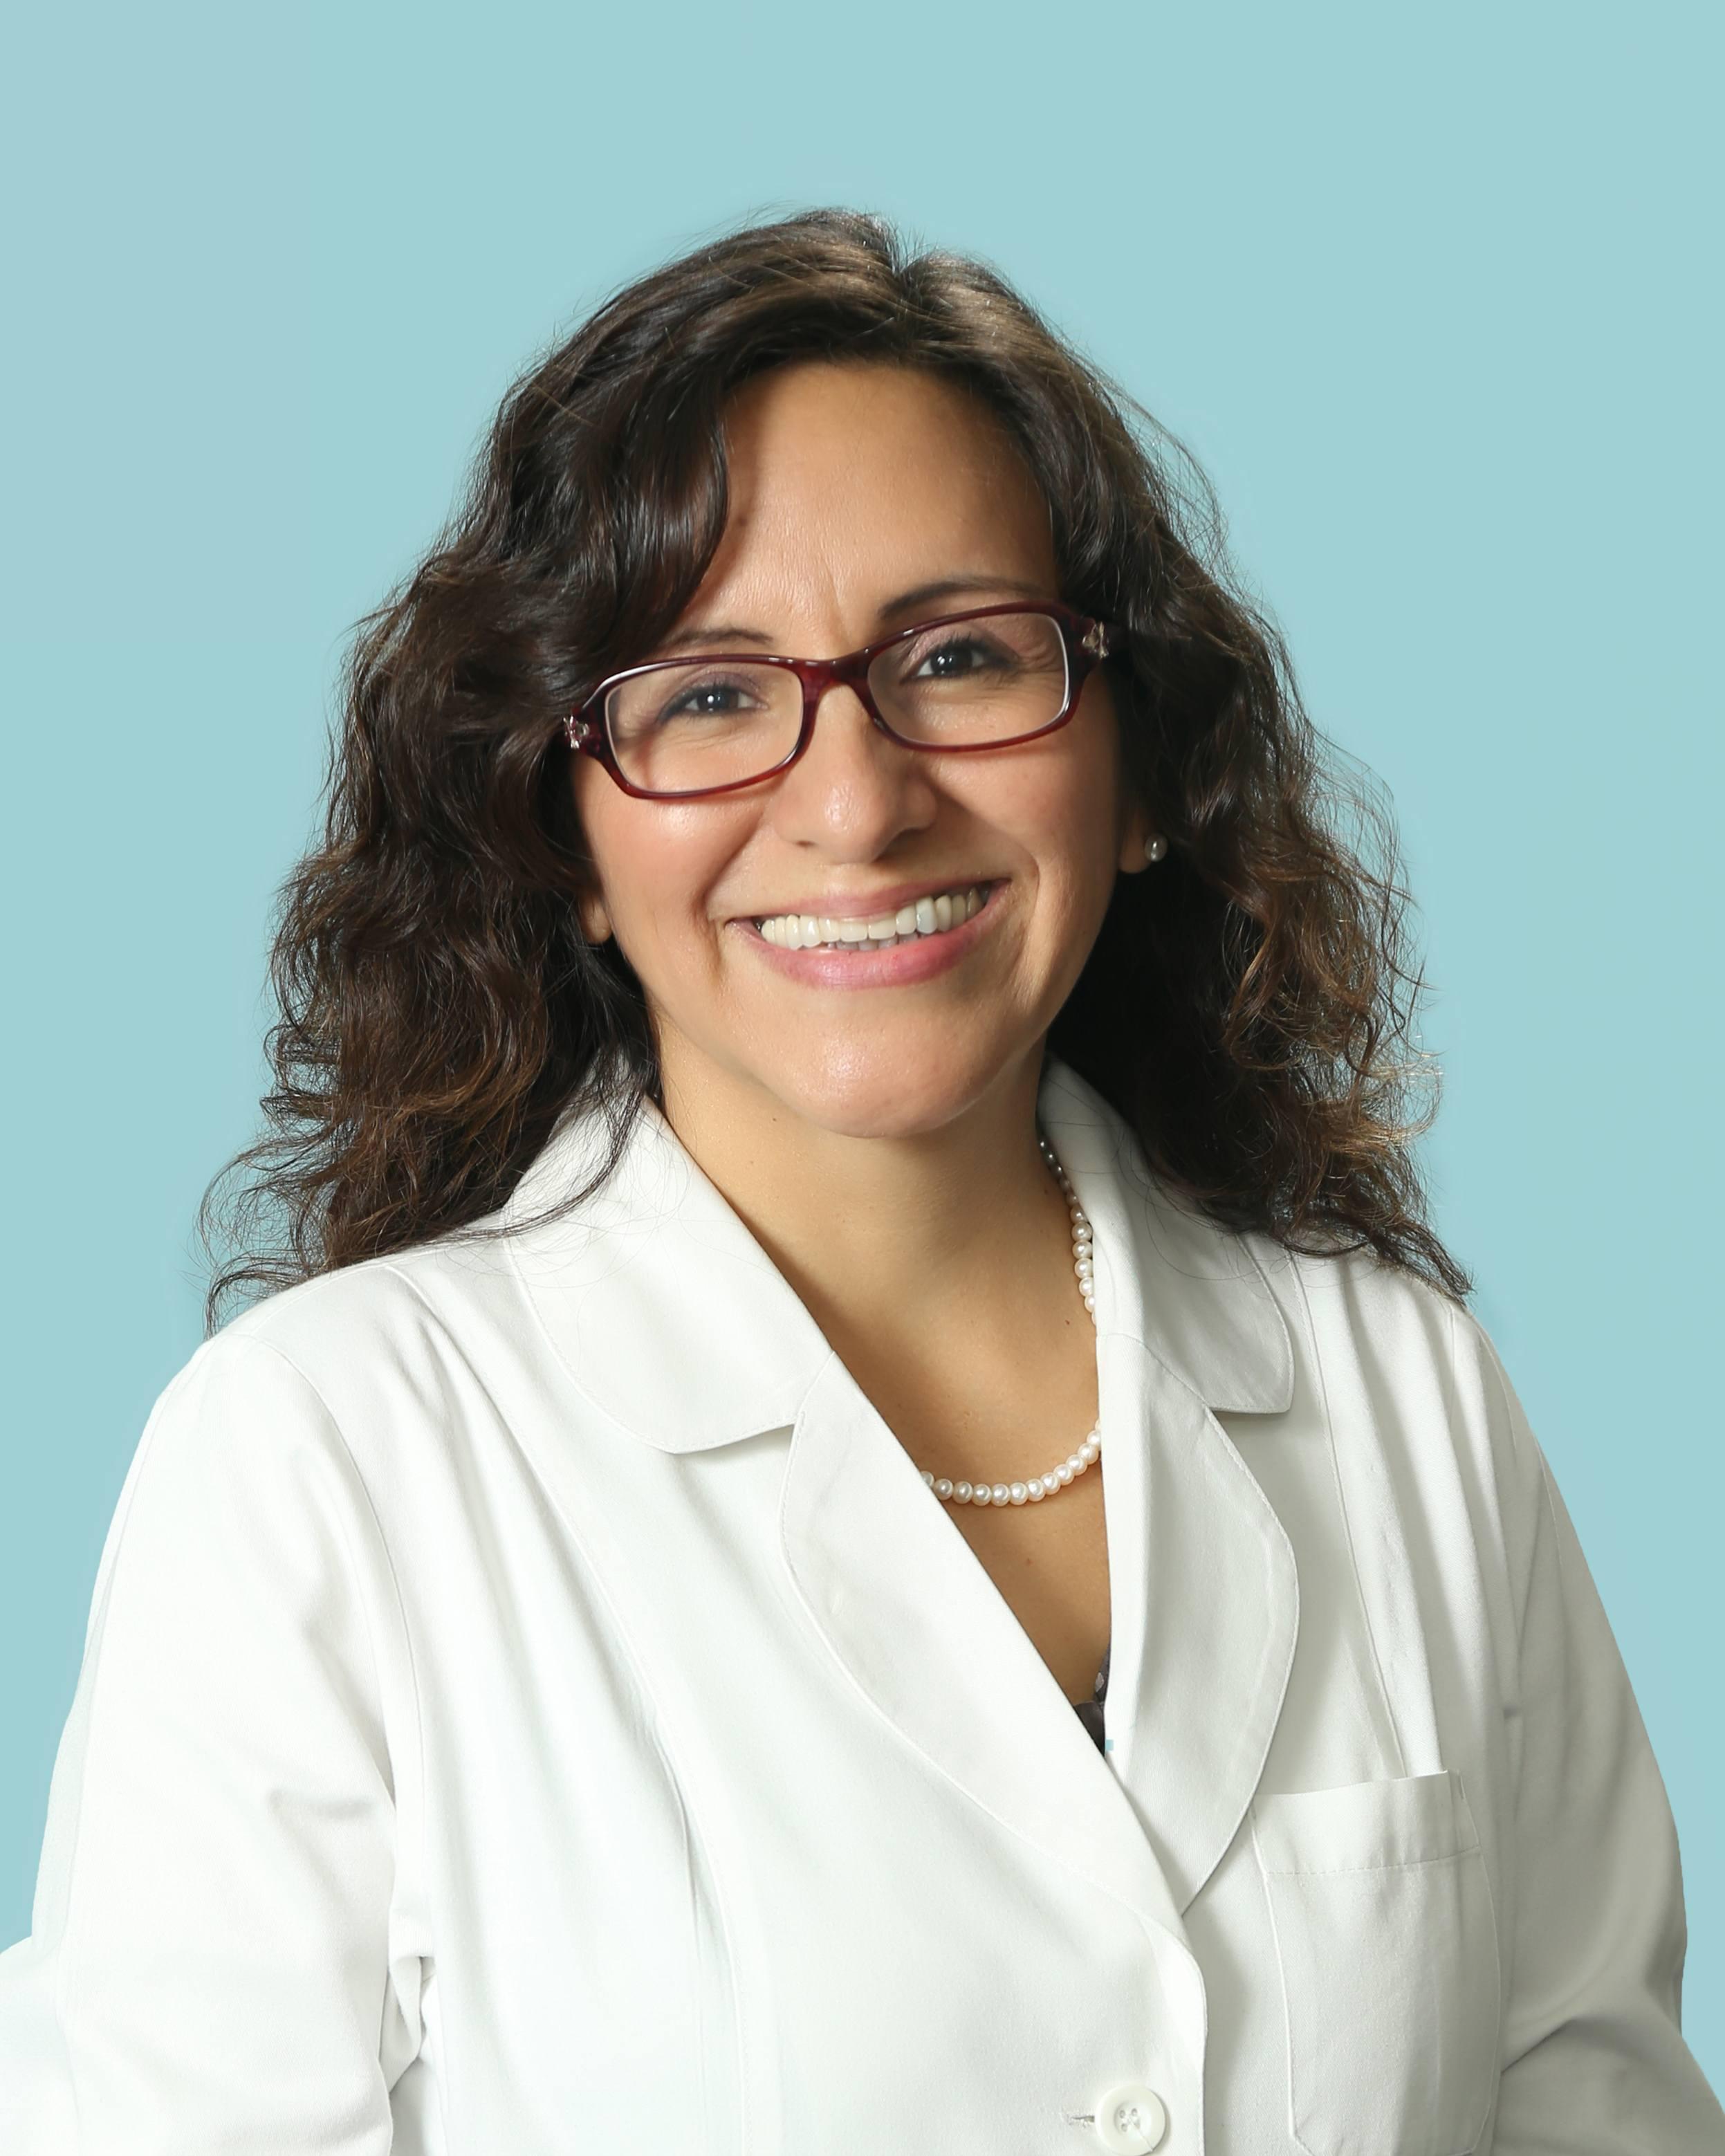 Gisella E. Godoy, MD